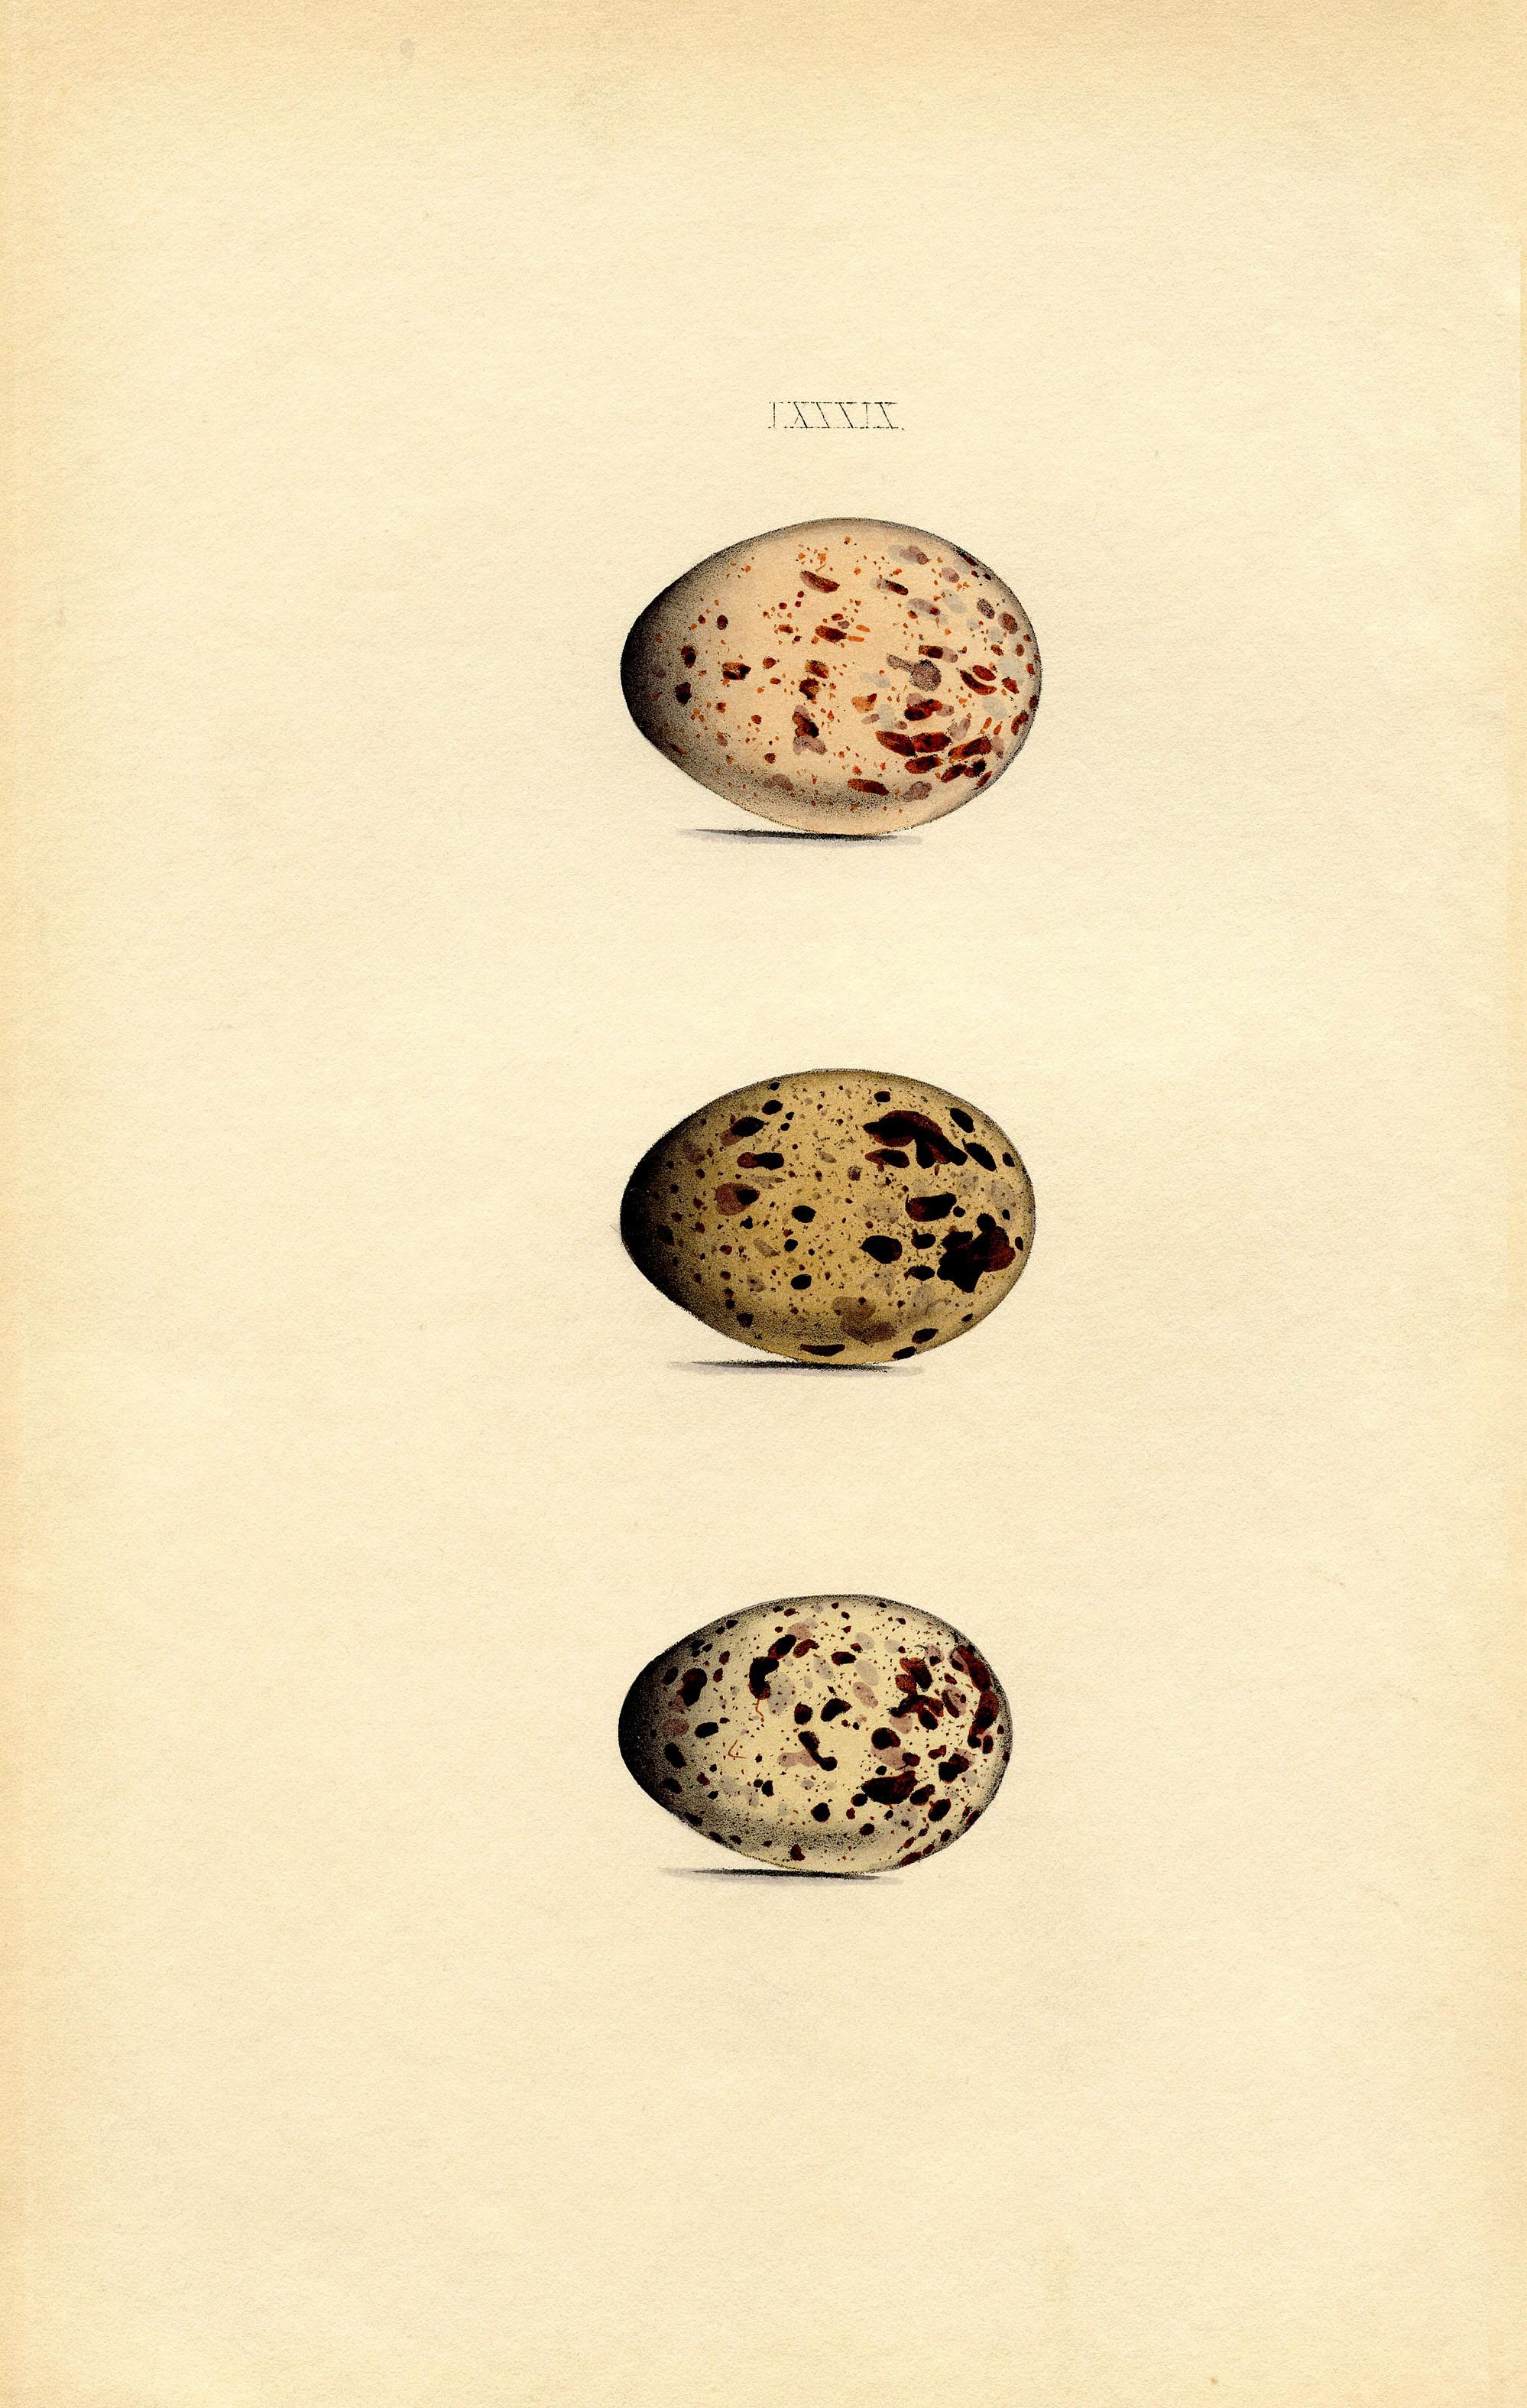 Коричневые яйца (похоже на яйца куропатки) - рисунок конца XIX века